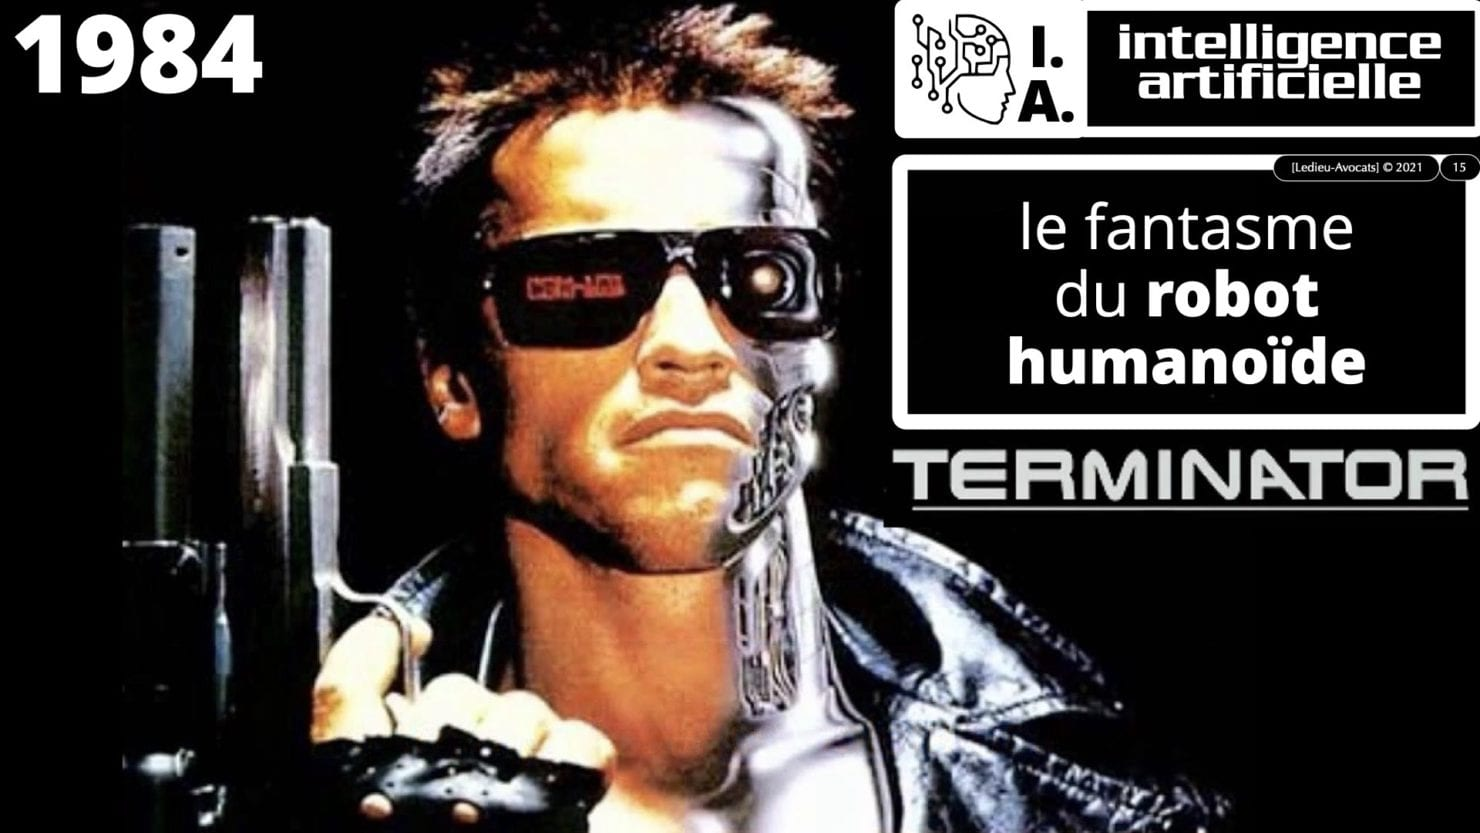 335 Intelligence Artificielle 2021 et AI Act [projet de Règlement UE] deep learning machine learning © Ledieu-Avocats 04-06-2021 *16:9*.015